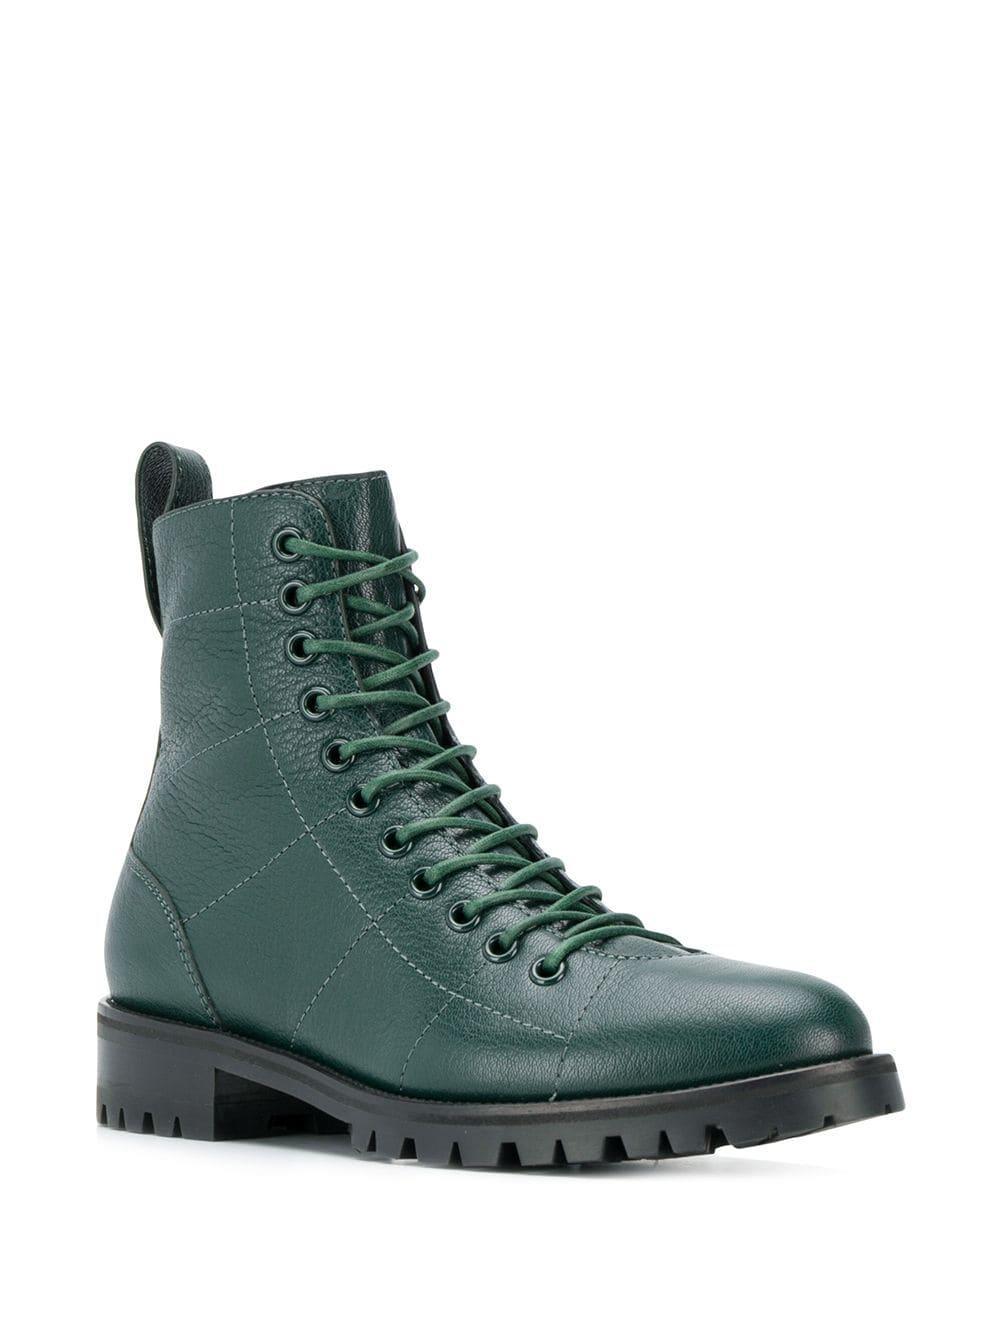 Botas militares Cruz Jimmy Choo de Cuero de color Verde